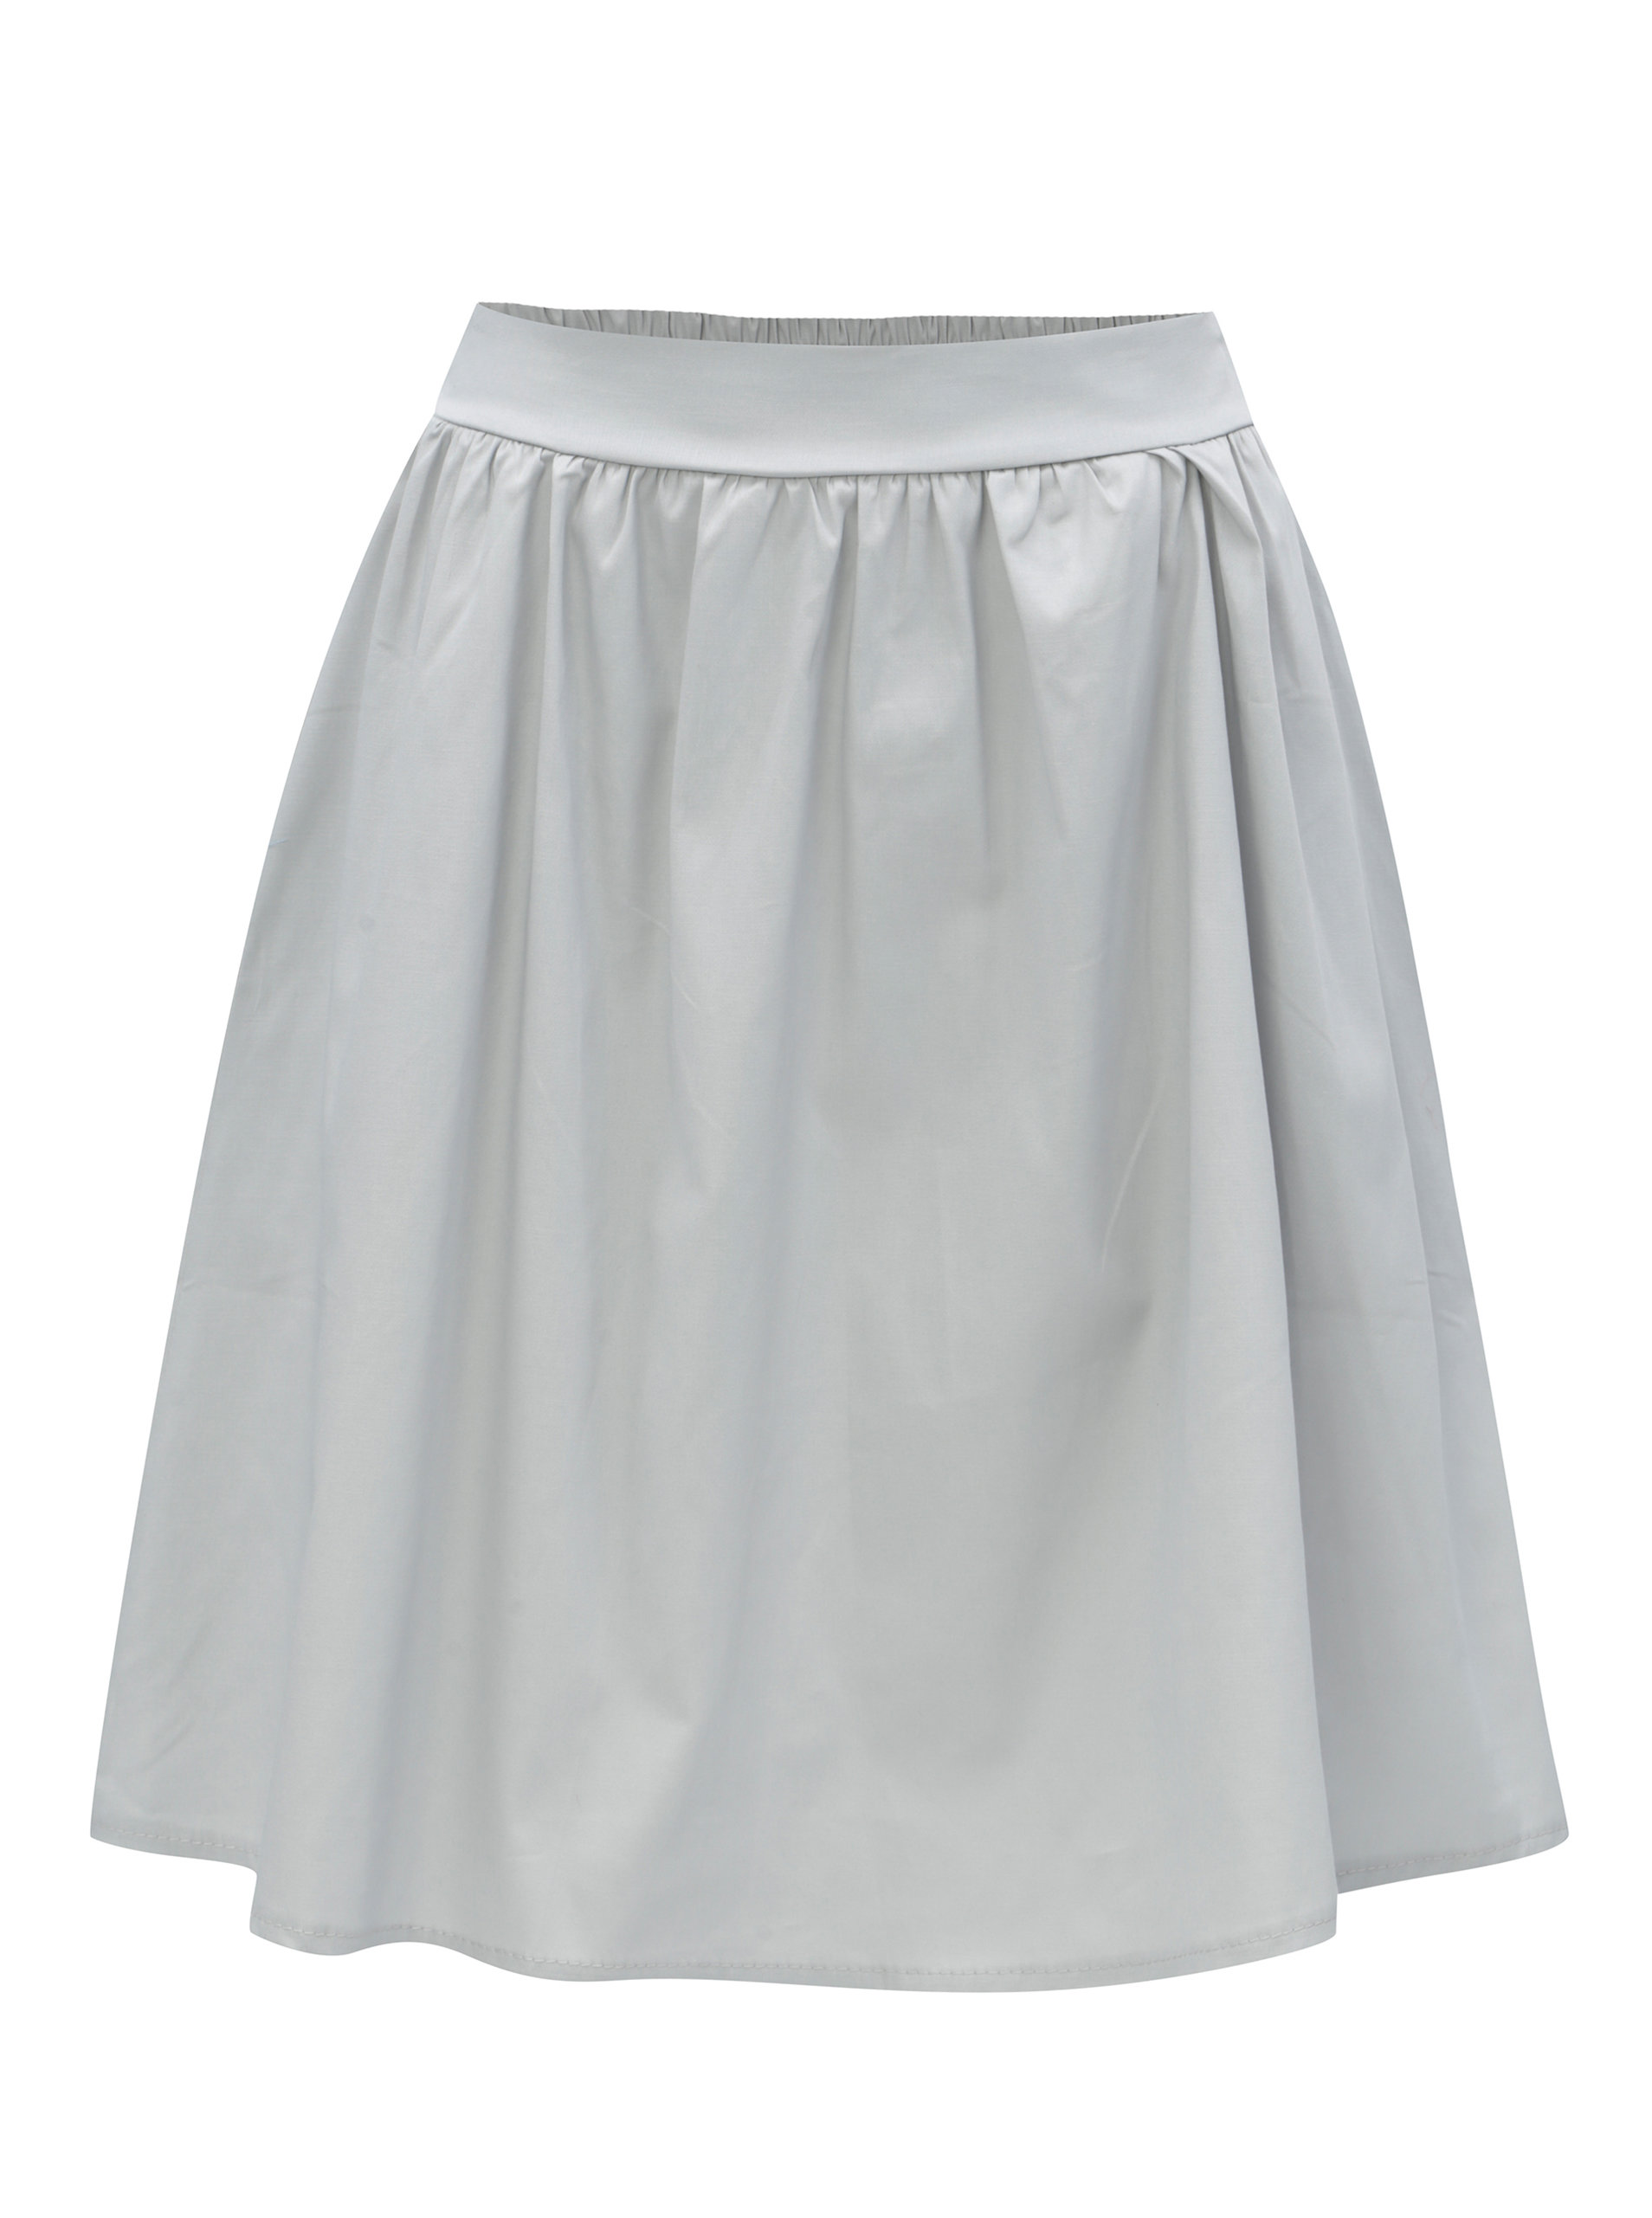 Světle šedá sukně s kapsami ZOOT ... 8688bdc1b5